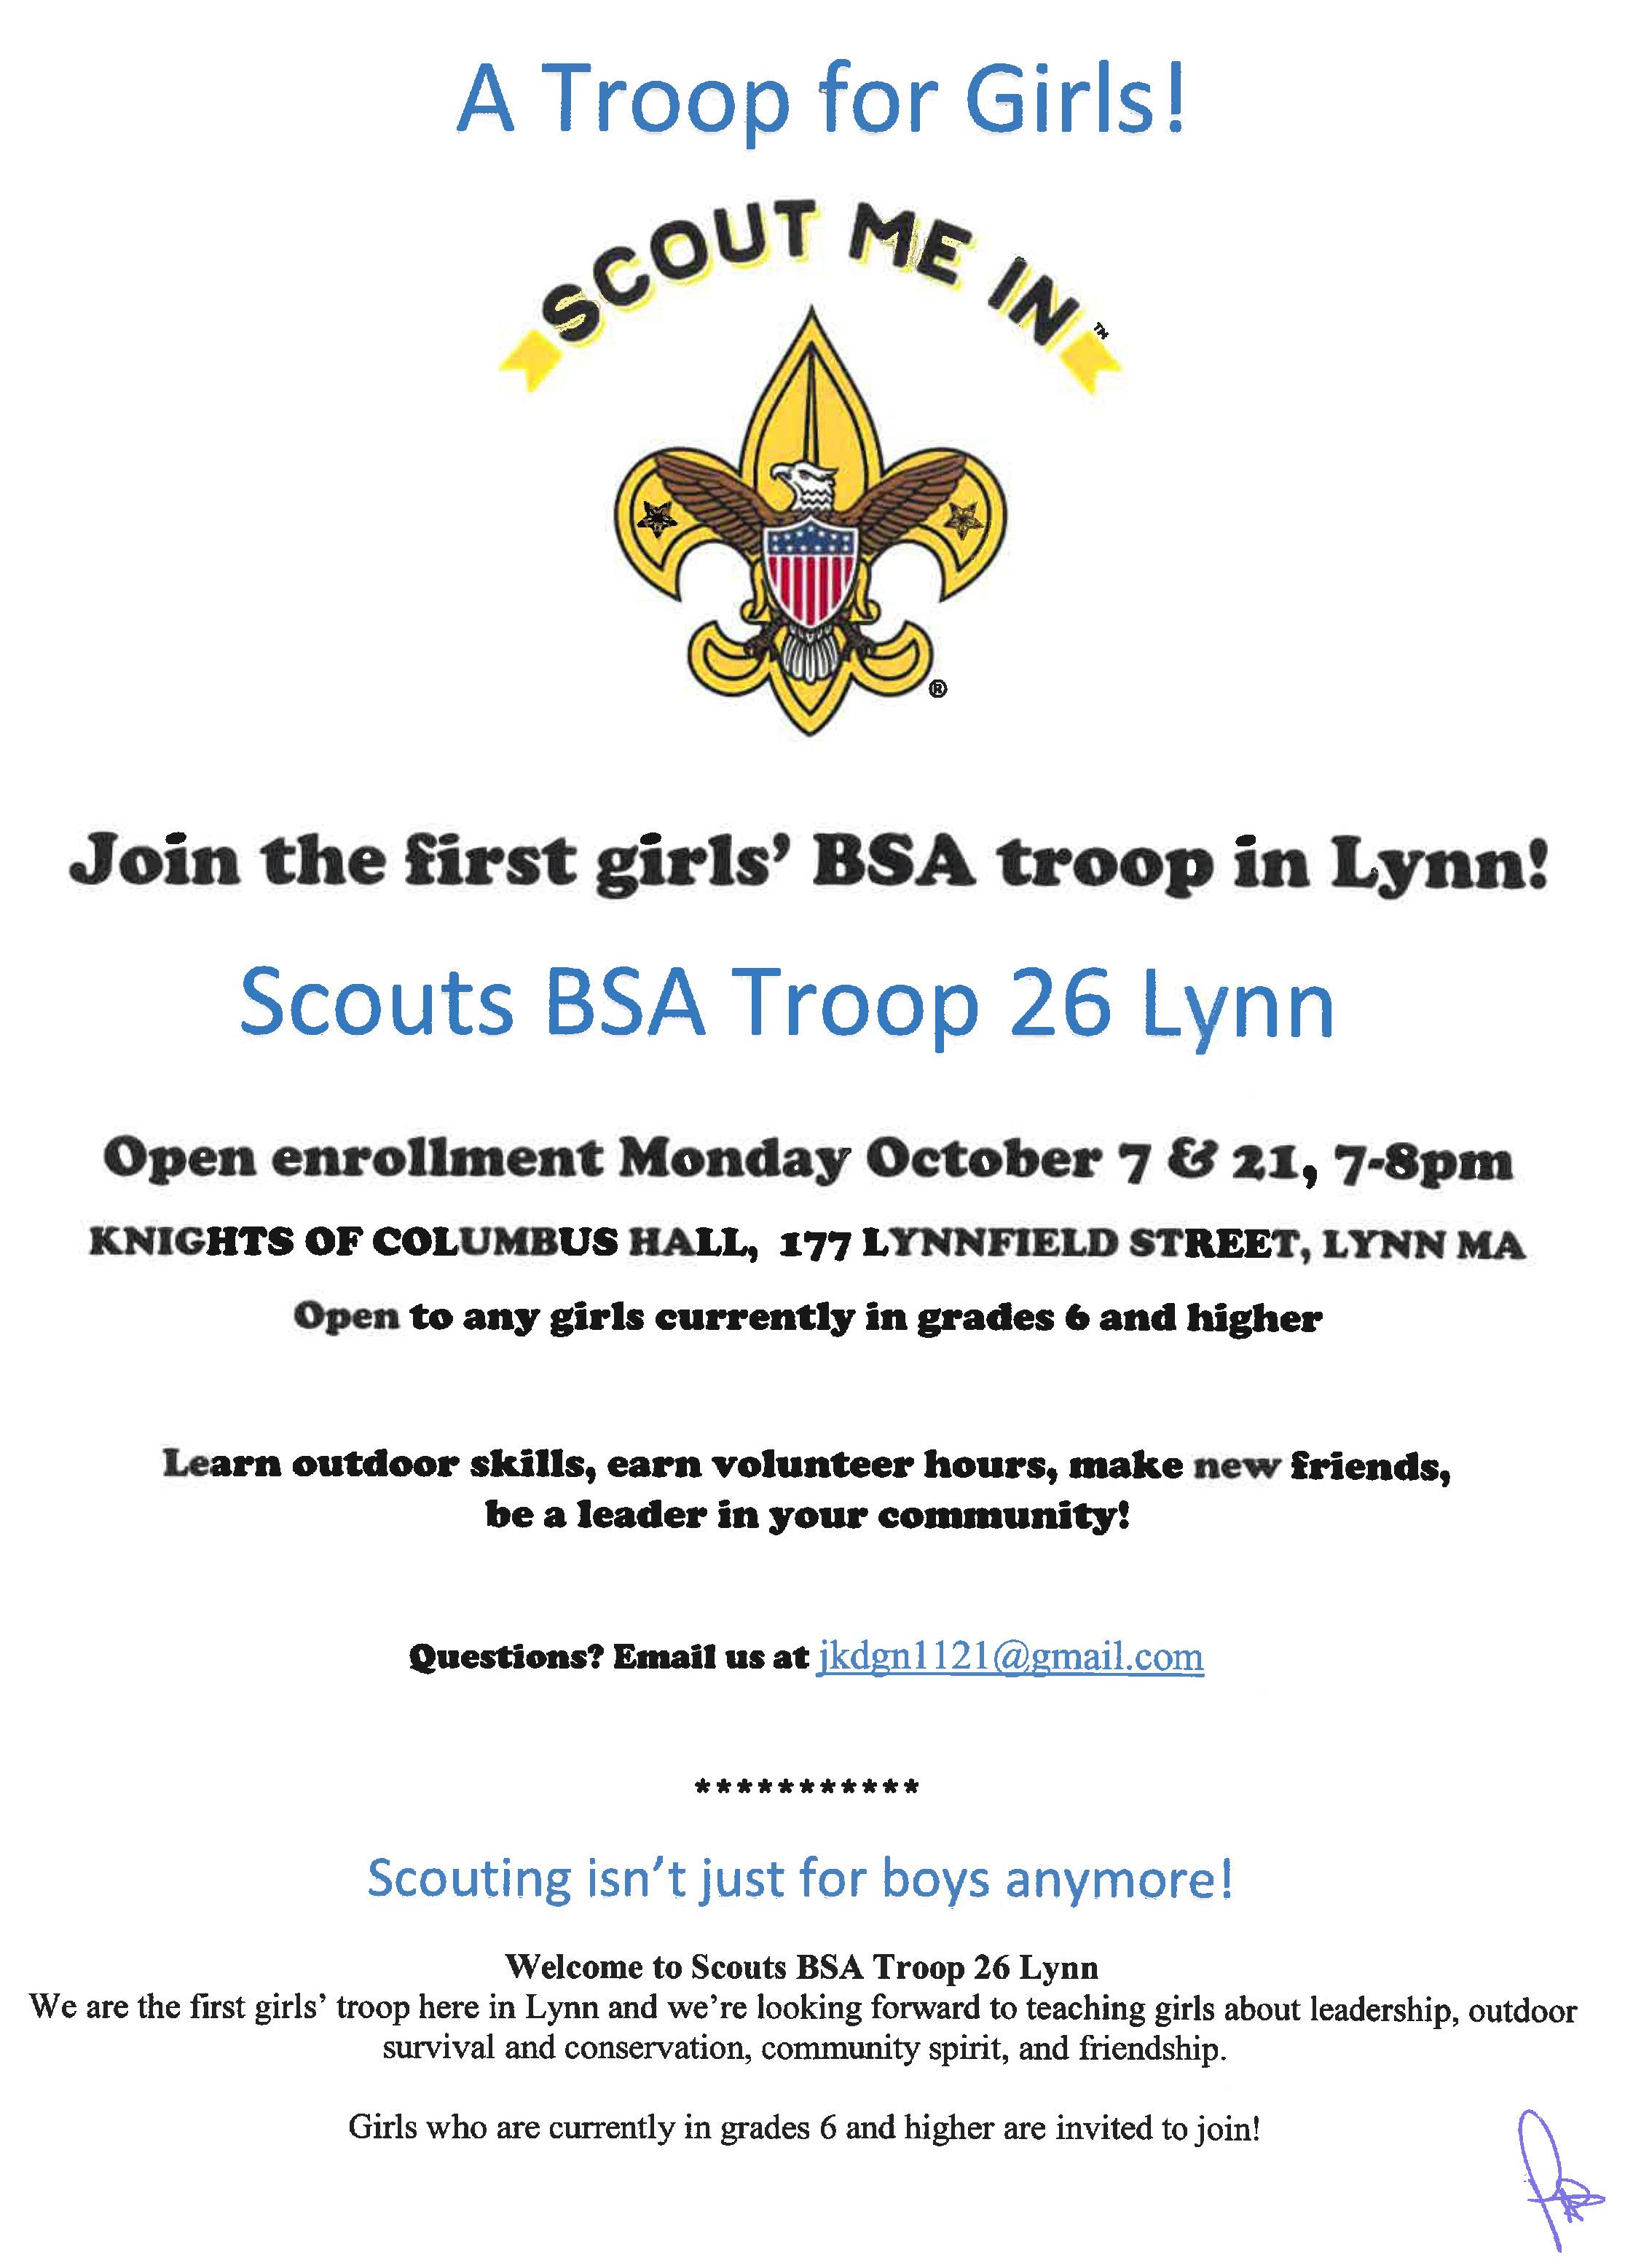 A Troop for Girls - BSA Troop in Lynn.jpg